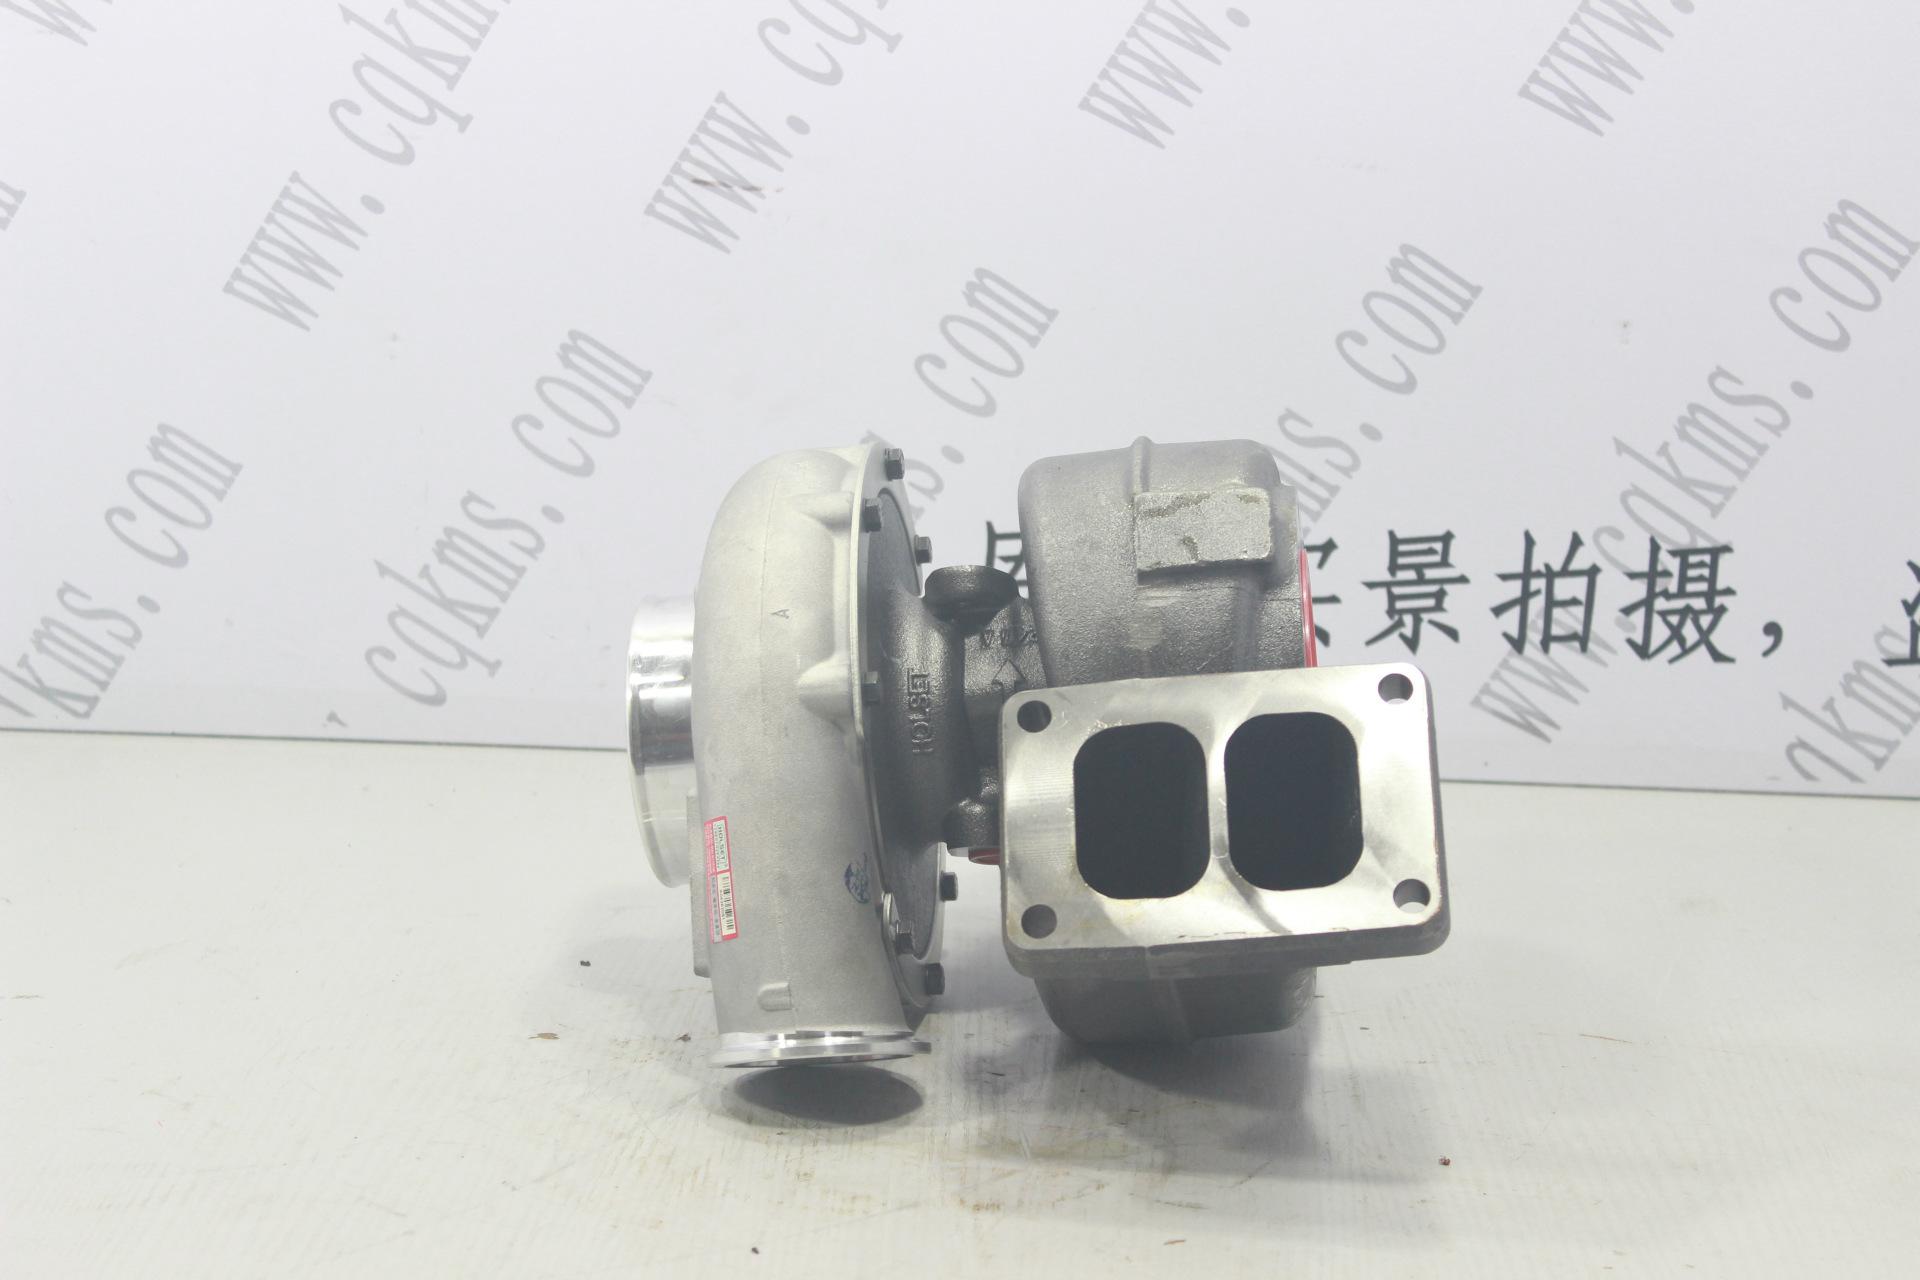 kms00411-2834275-M11-G3霍尔塞特增压器---参考规格17kg-图片2